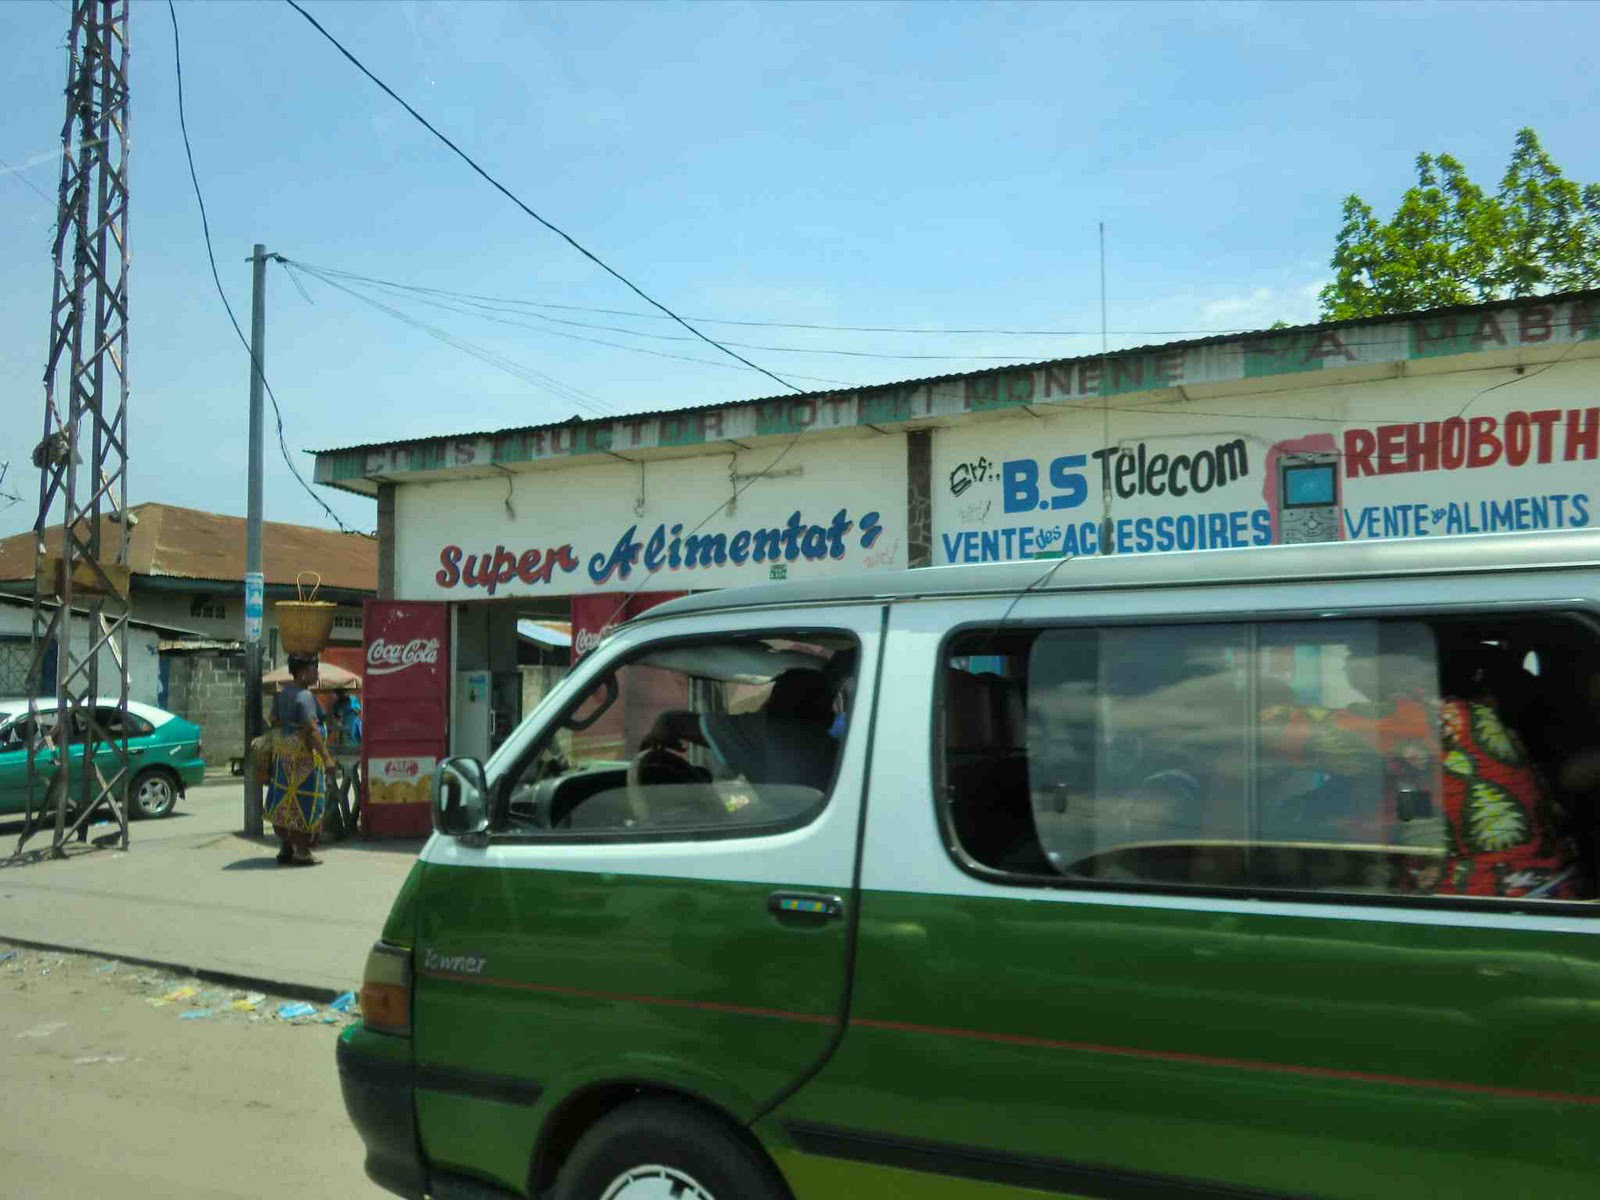 Plusieurs chauffeurs de taxis et bus sont déterminés à s'immatriculer à la Caisse nationale de sécurité sociale (Cnss).